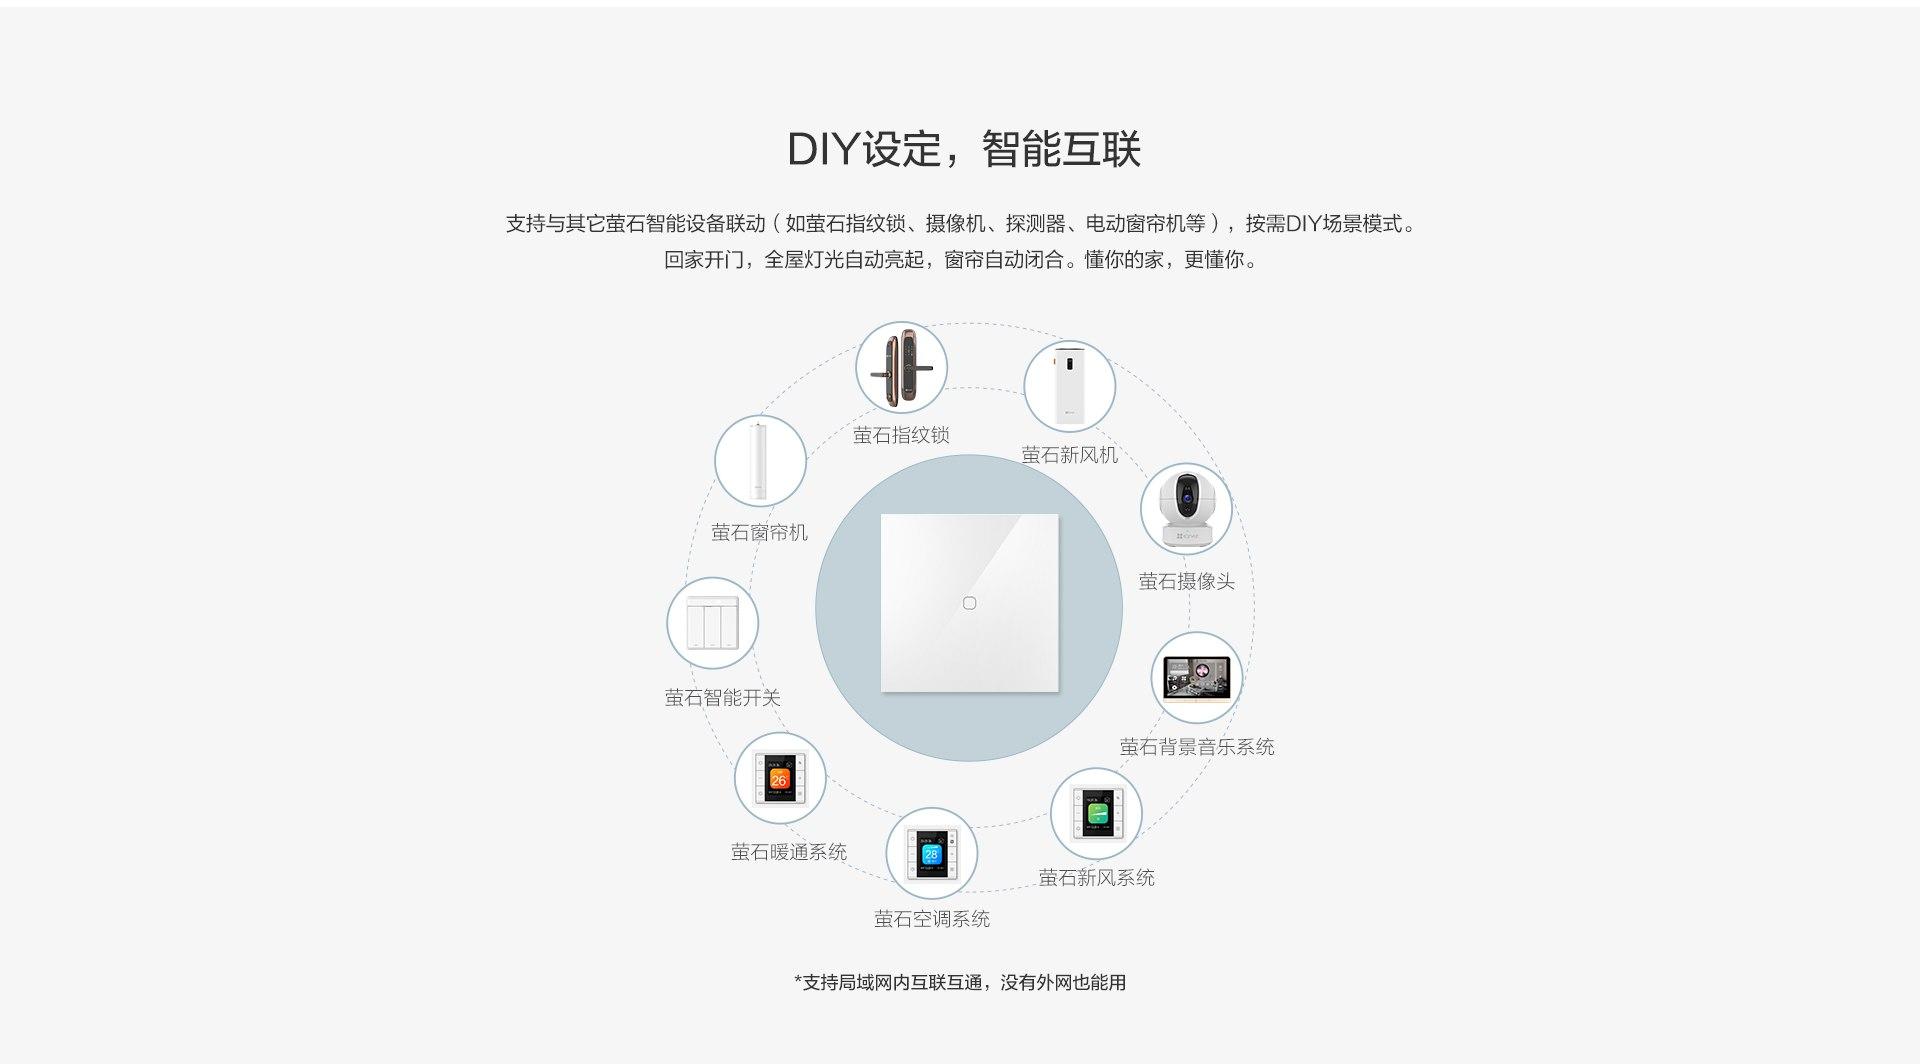 DIY设定 智能互联